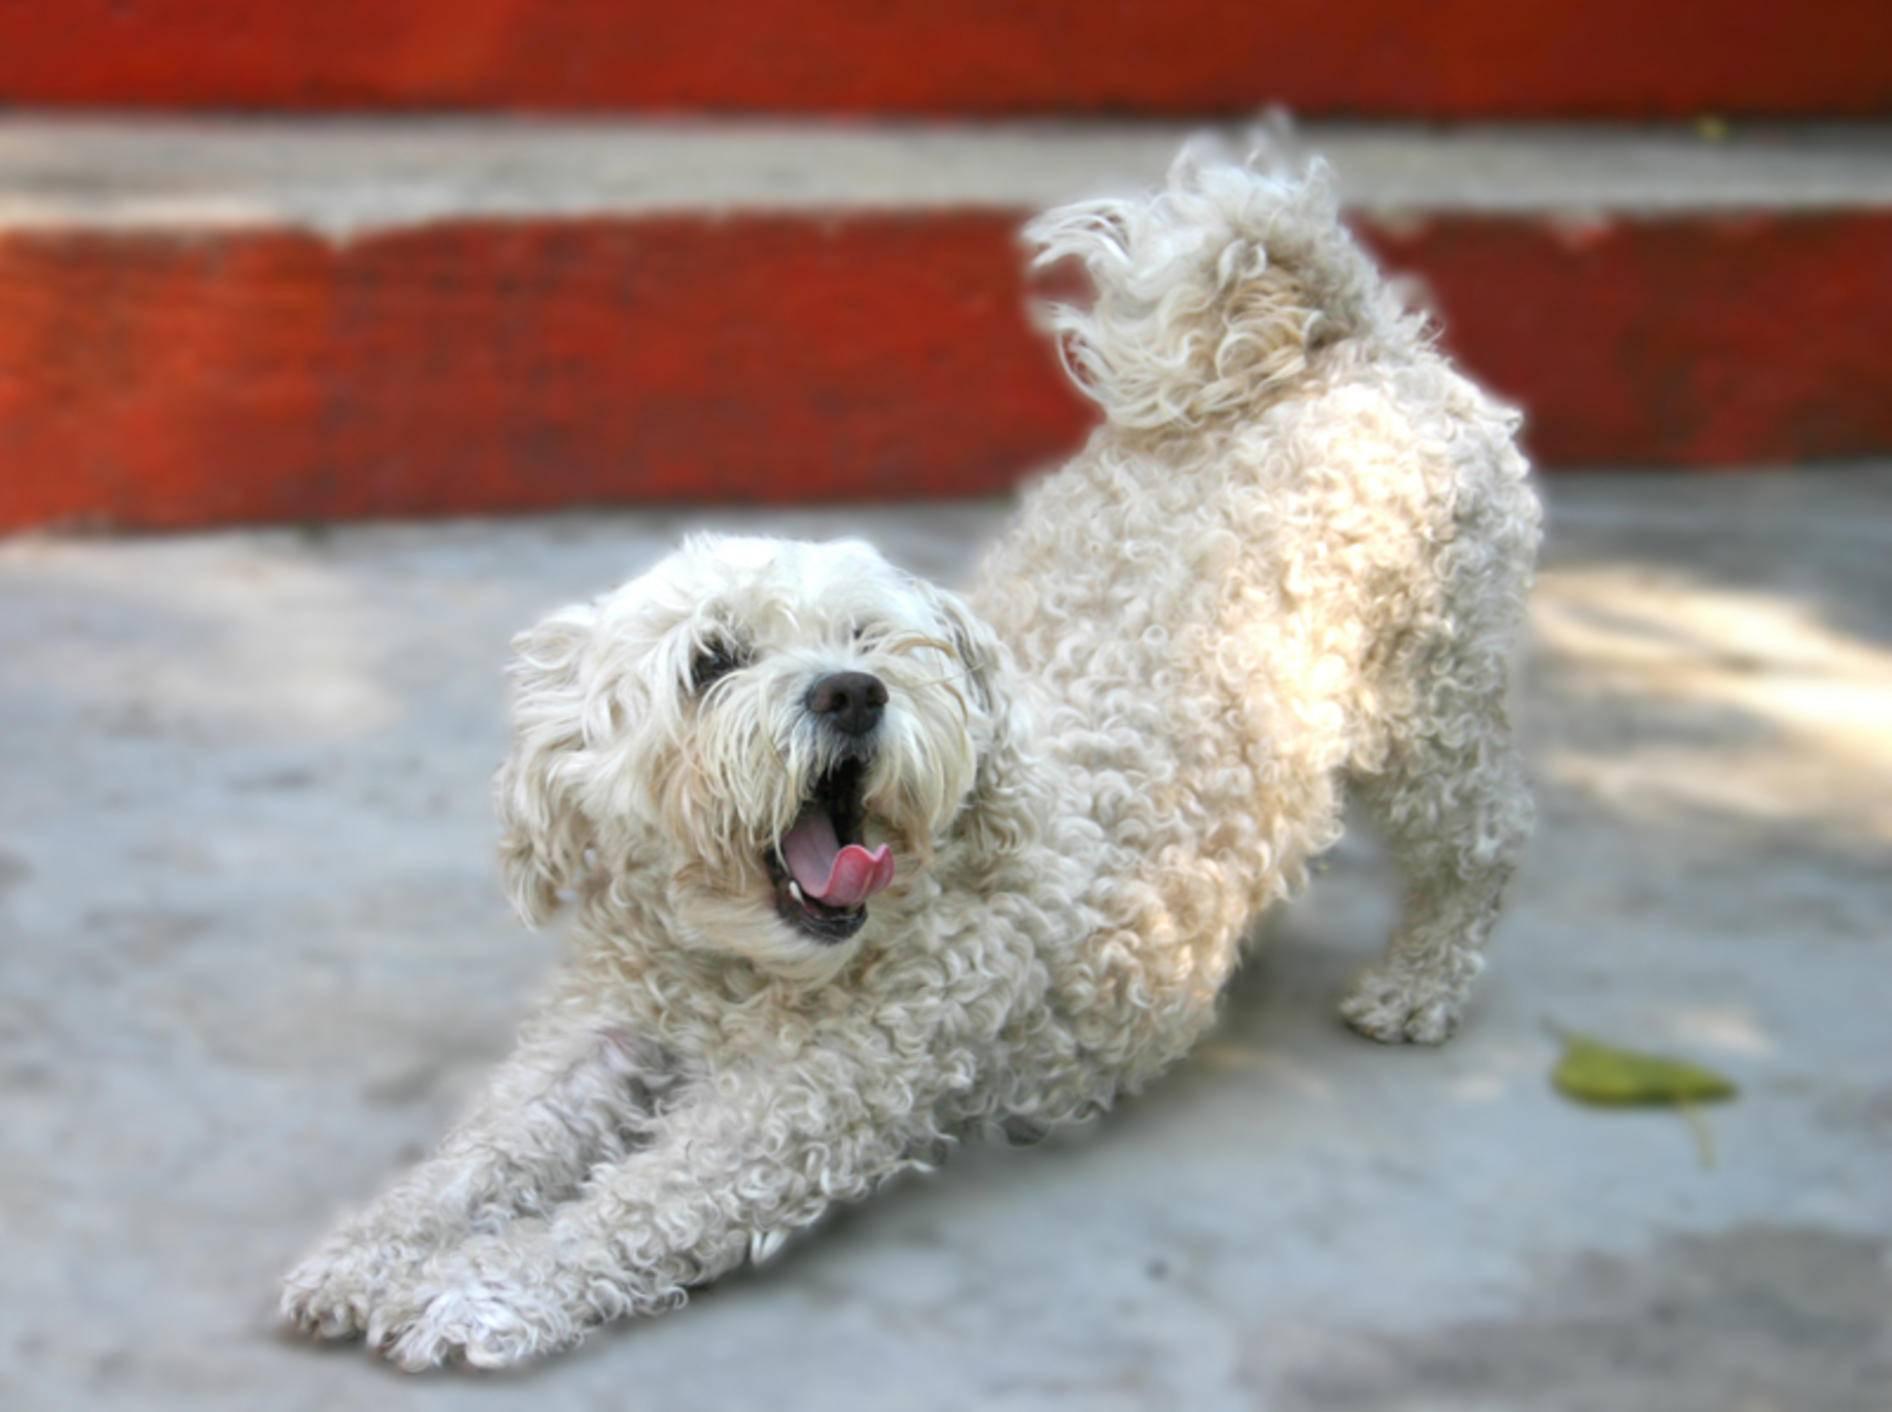 Beschwichtigungssignale von Hunden sind manchmal missverständlich – Shutterstock / Dumitrescu Ciprian-Florin